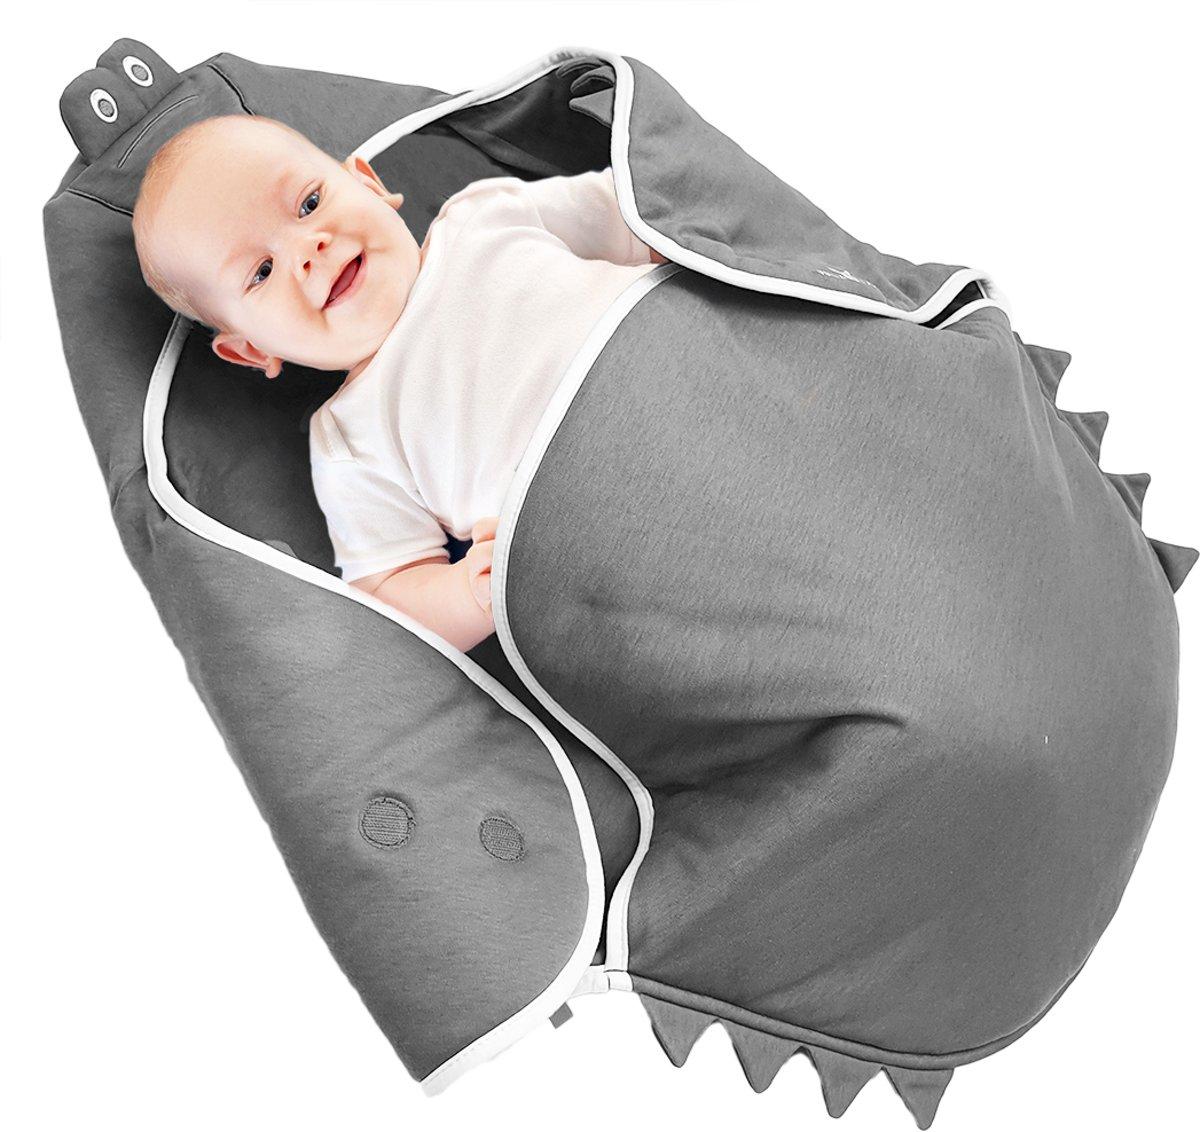 Wallaboo Babydeken Coco - Handige wikkeldeken en wrapper - 100% zacht katoen - pasgeboren tot 9 maanden - Geschikt voor autostoel, kinderwagen, box, ledikant - 70 * 90 cm - Kleur: kopen